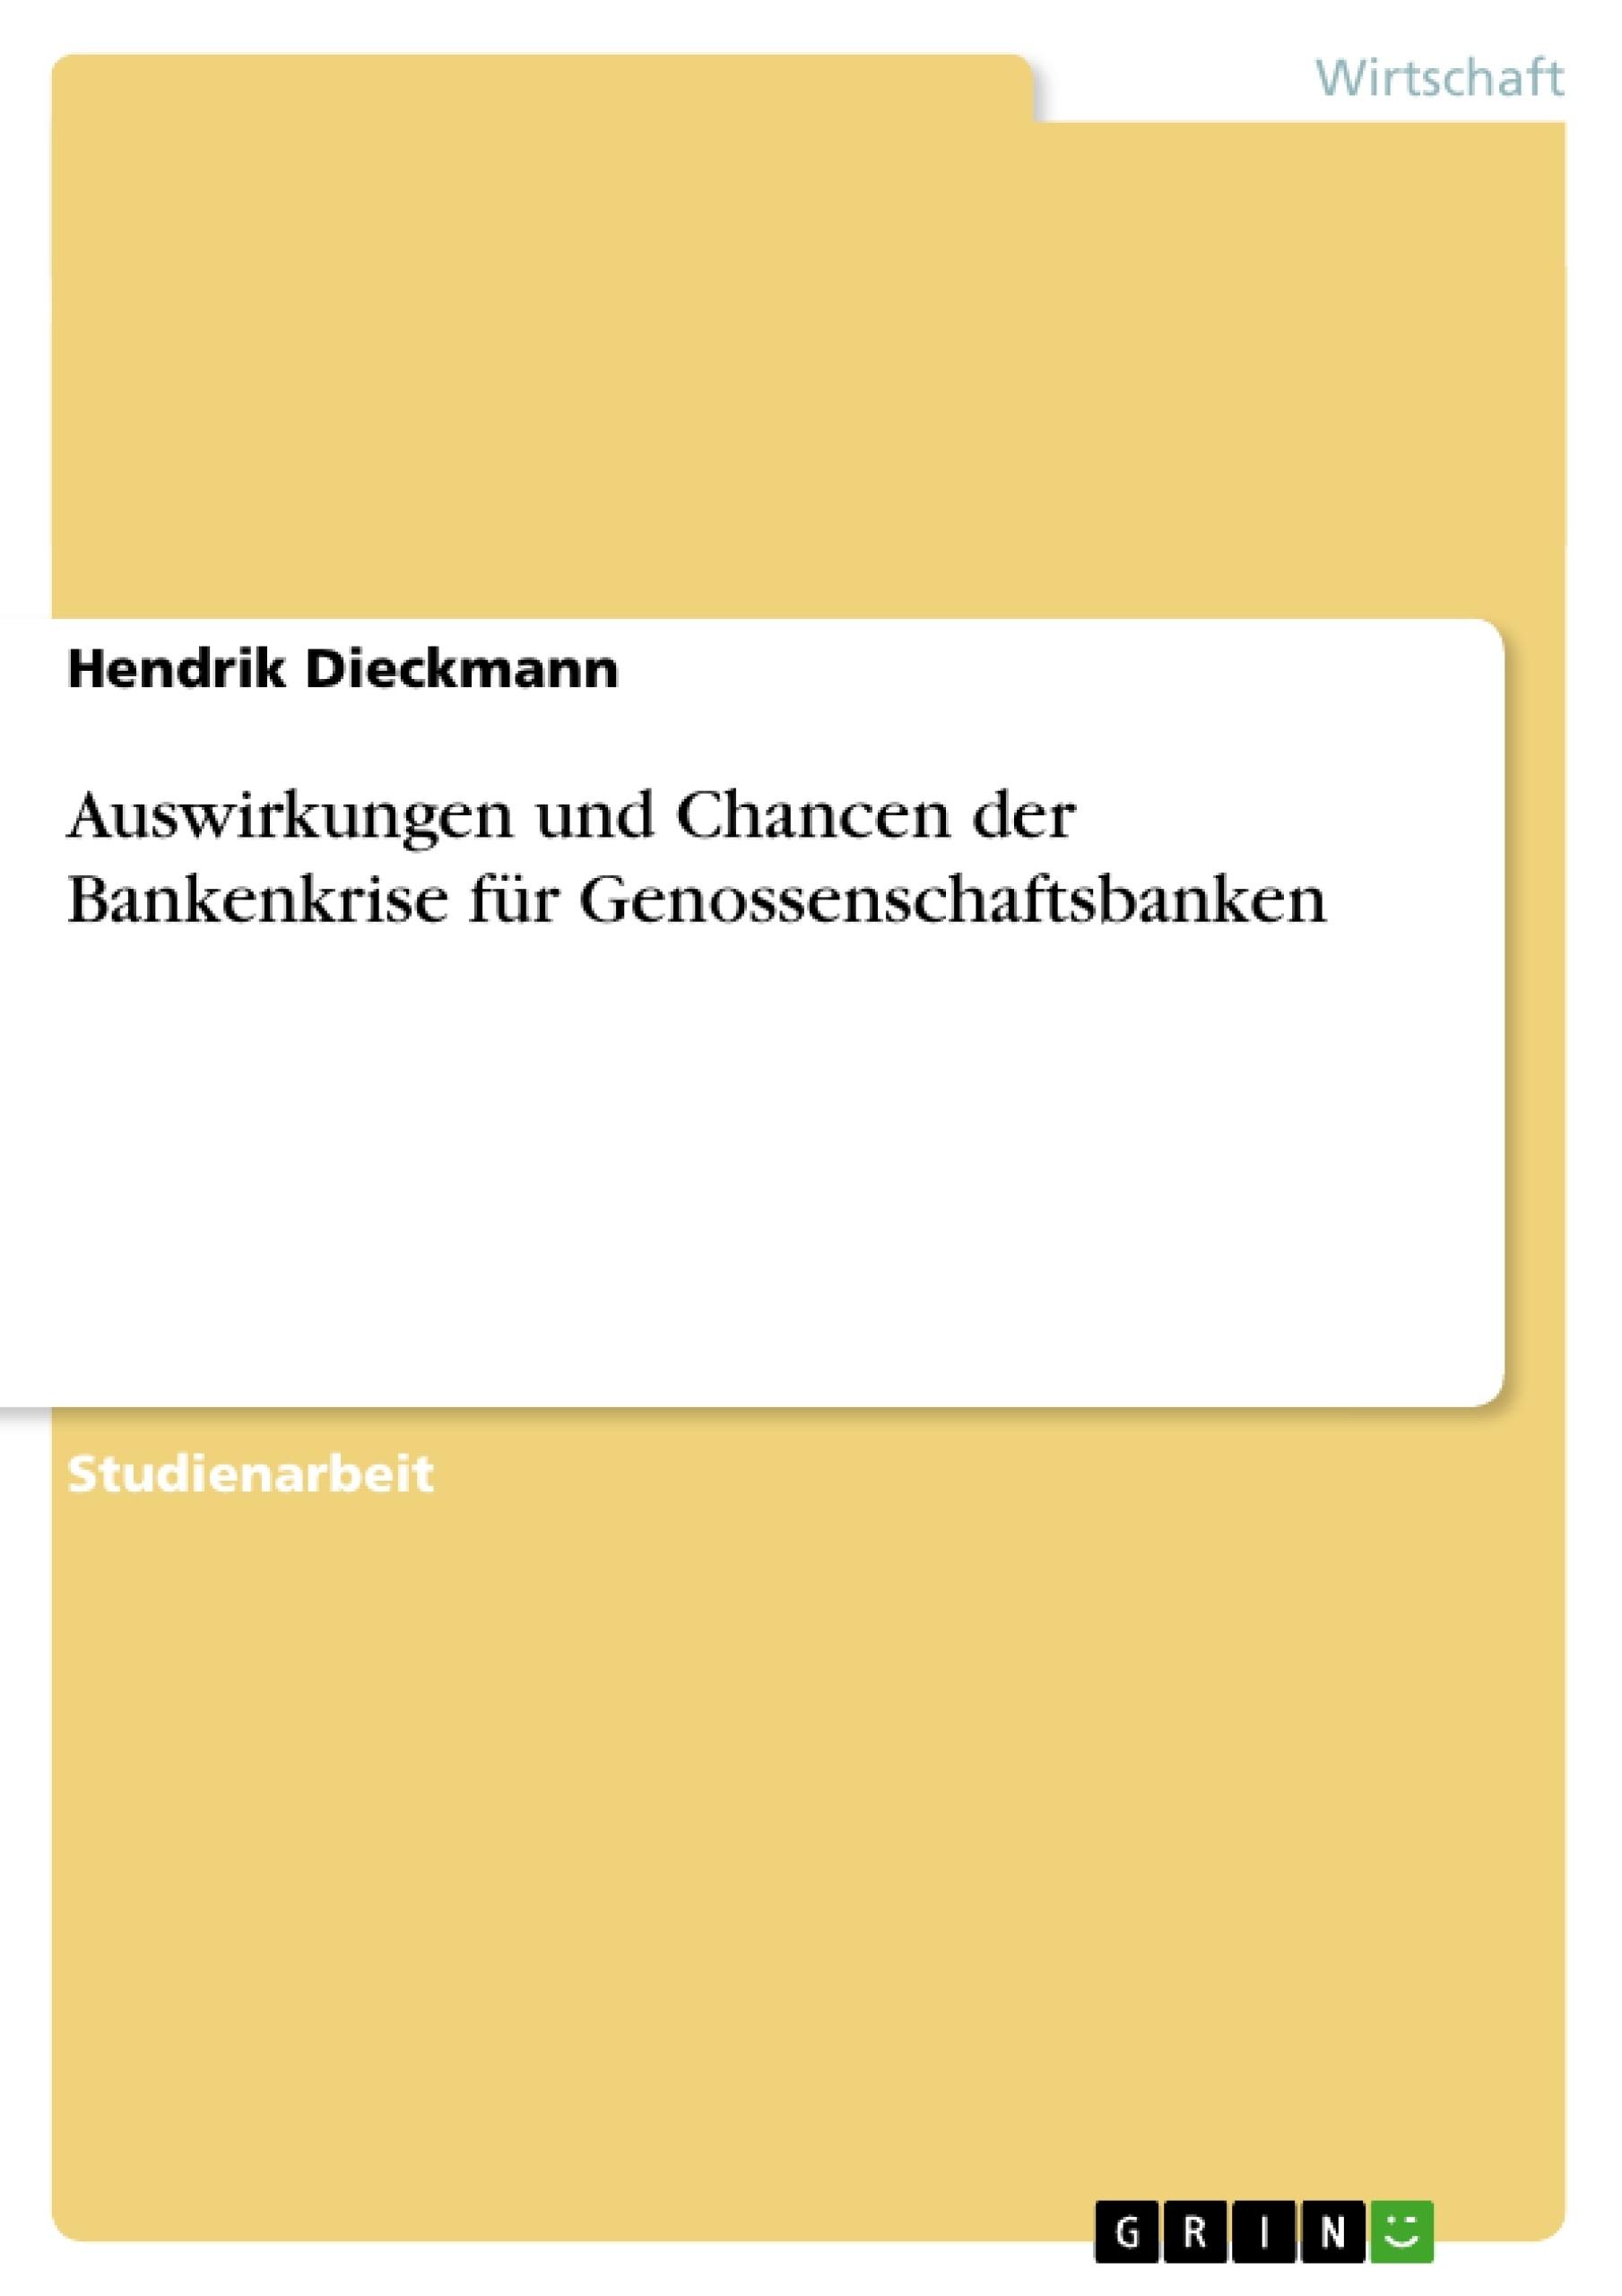 Titel: Auswirkungen und Chancen der Bankenkrise für Genossenschaftsbanken